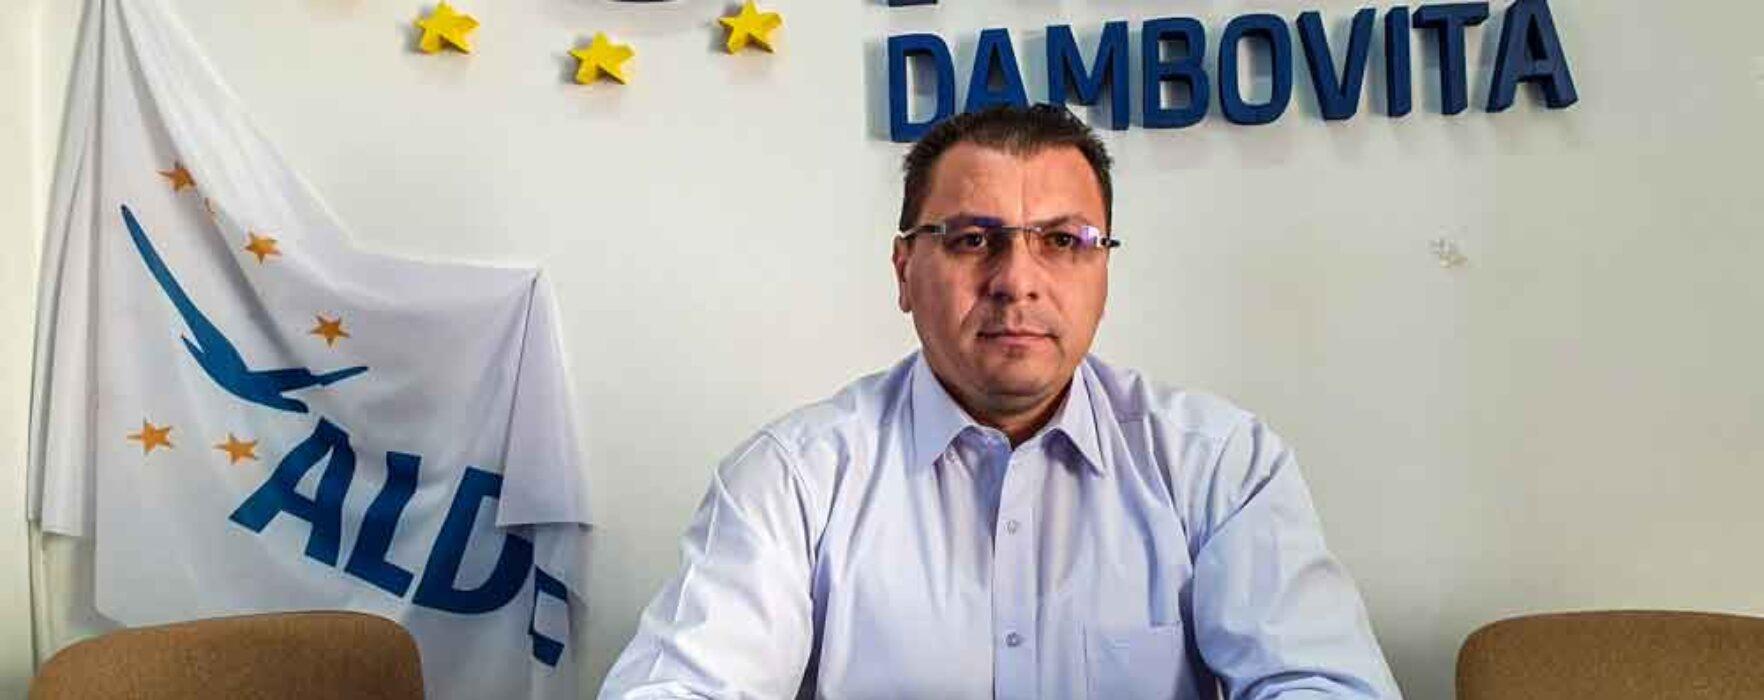 Ionel Petre, preşedinte ALDE Dâmboviţa: HORECA trebuie salvată